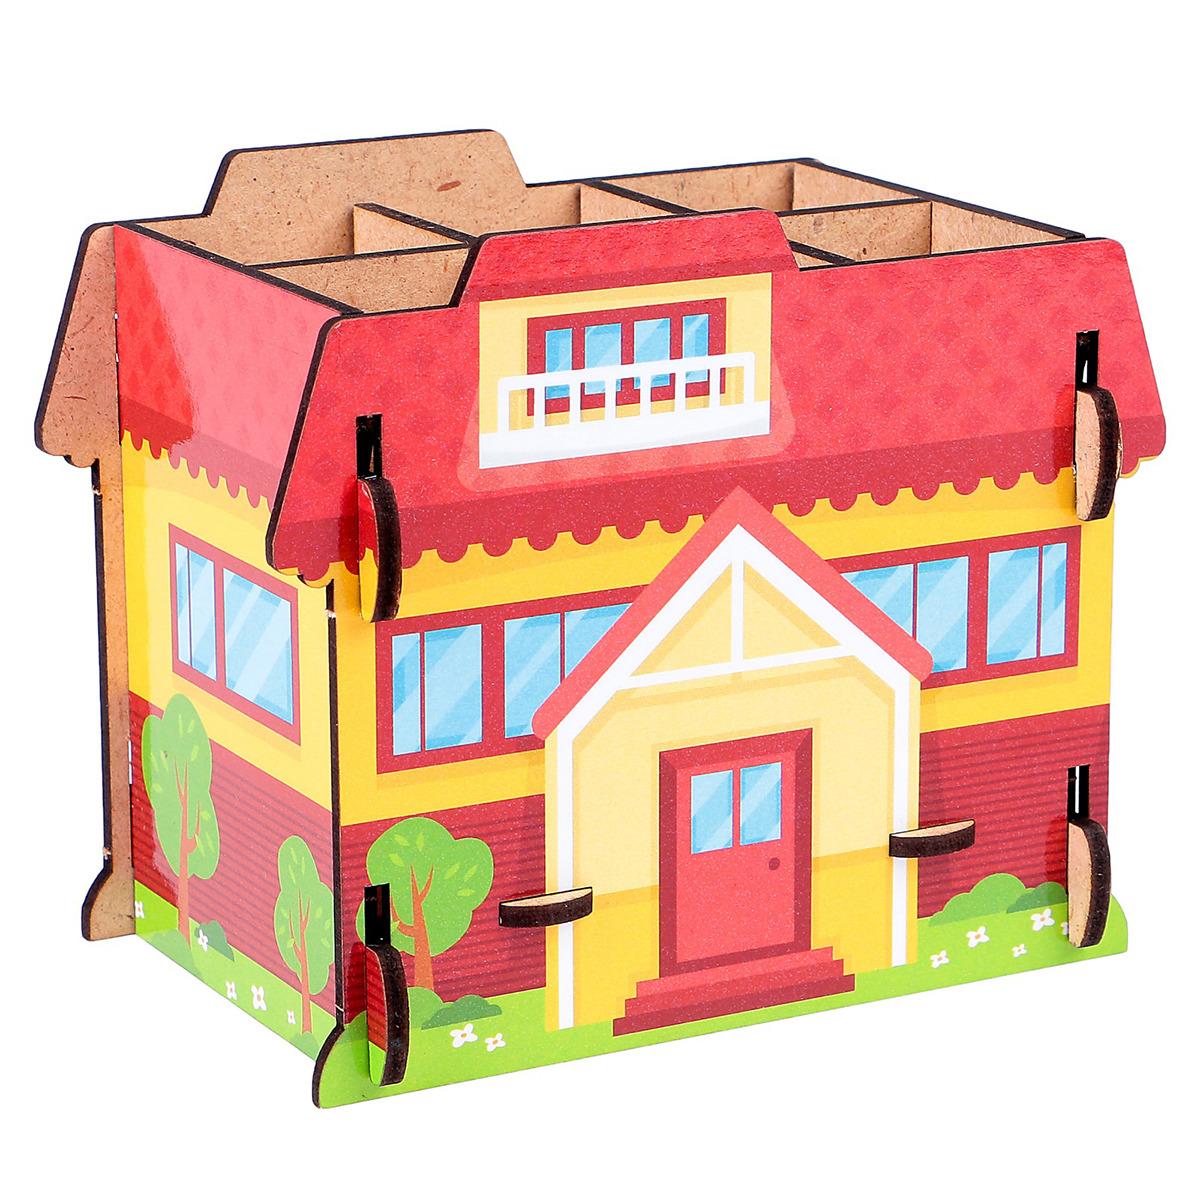 Подставка для канцелярских принадлежностей Дом, 3649875, красный принадлежности для дома new shk1008